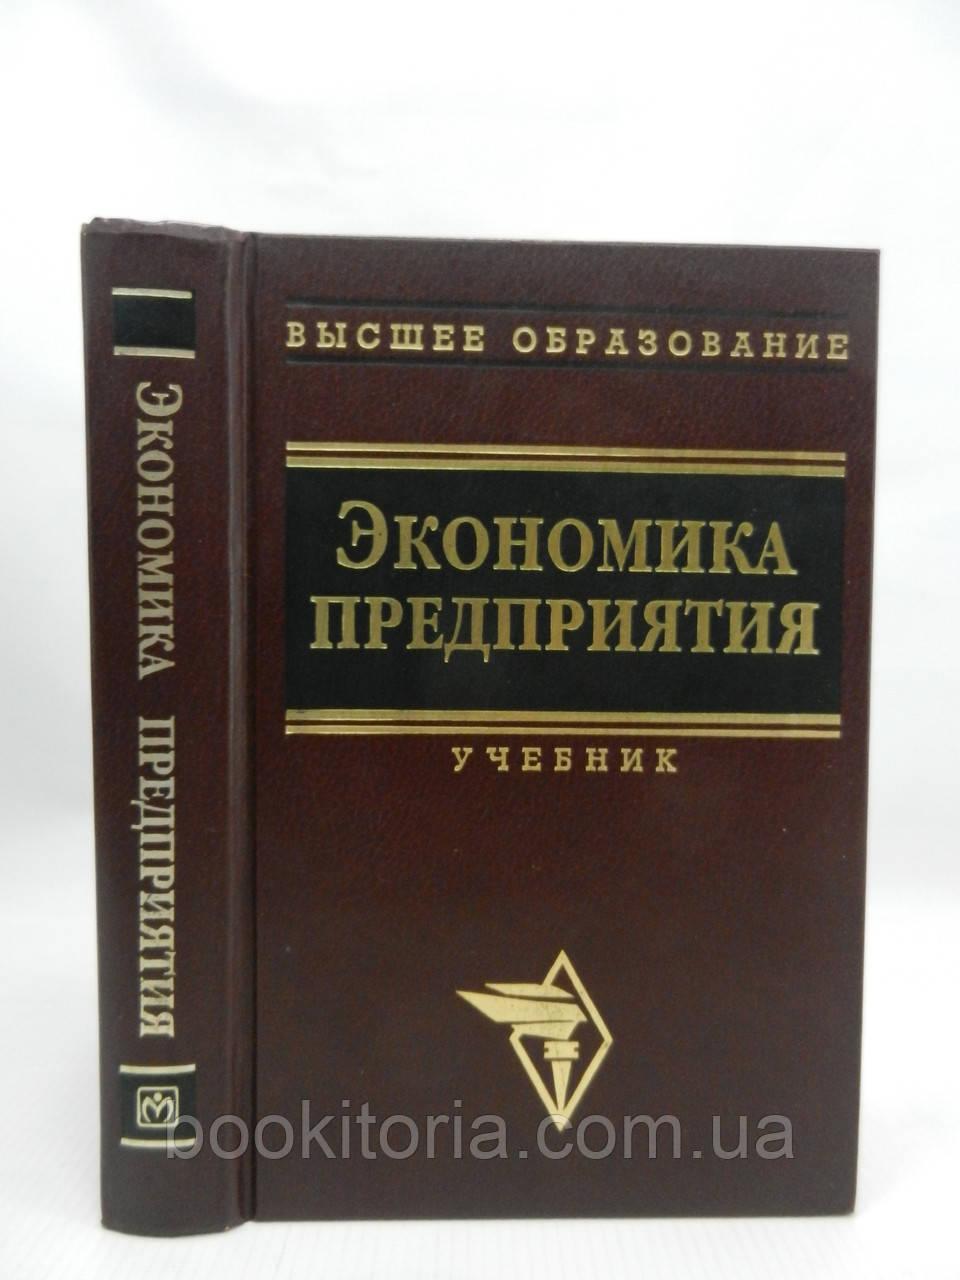 Волков О. и др. Экономика предприятия (б/у).